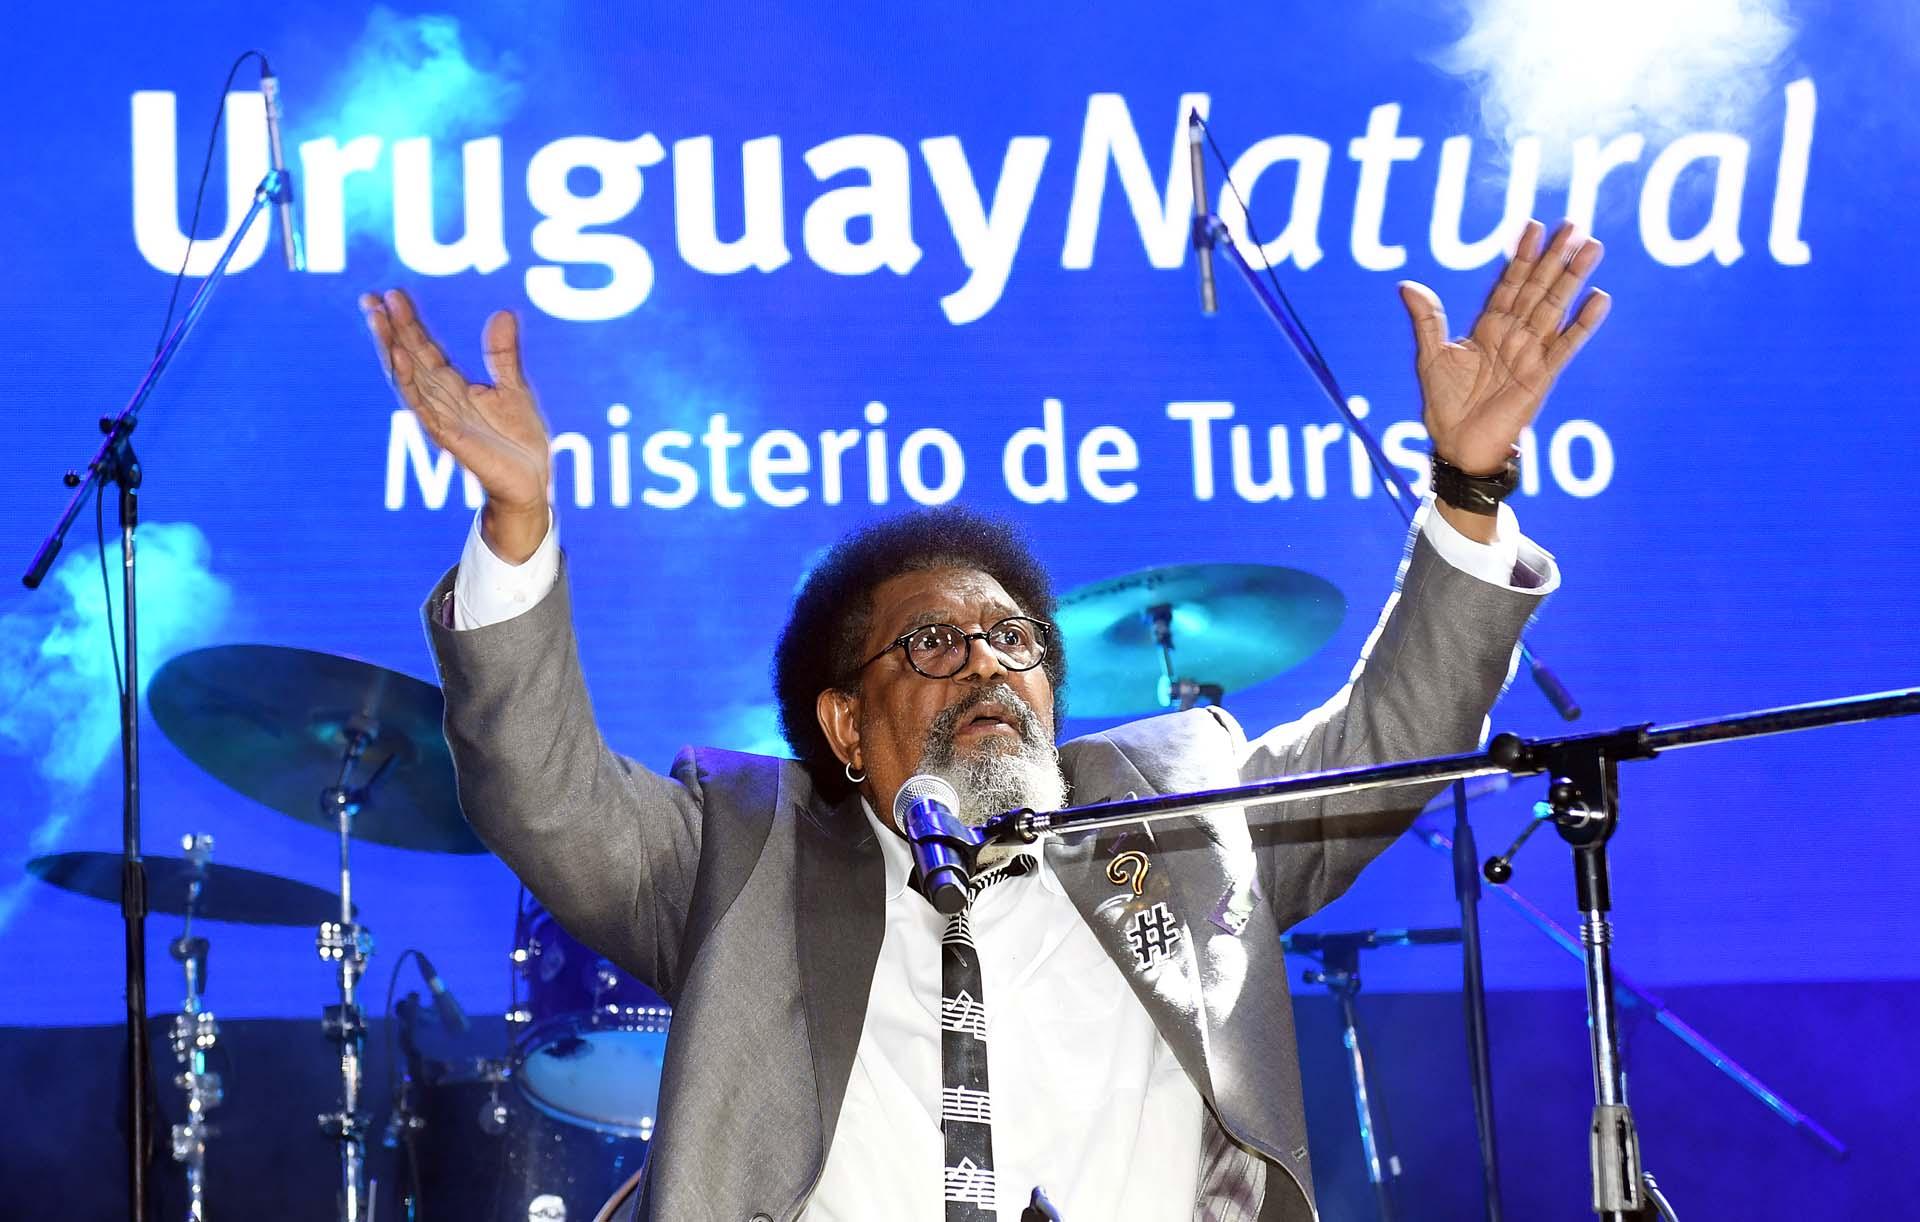 Ruben Rada, uno de los íconos de la cultura uruguaya, representó el candombe y la fusión de otros ritmos como el jazz y el rock